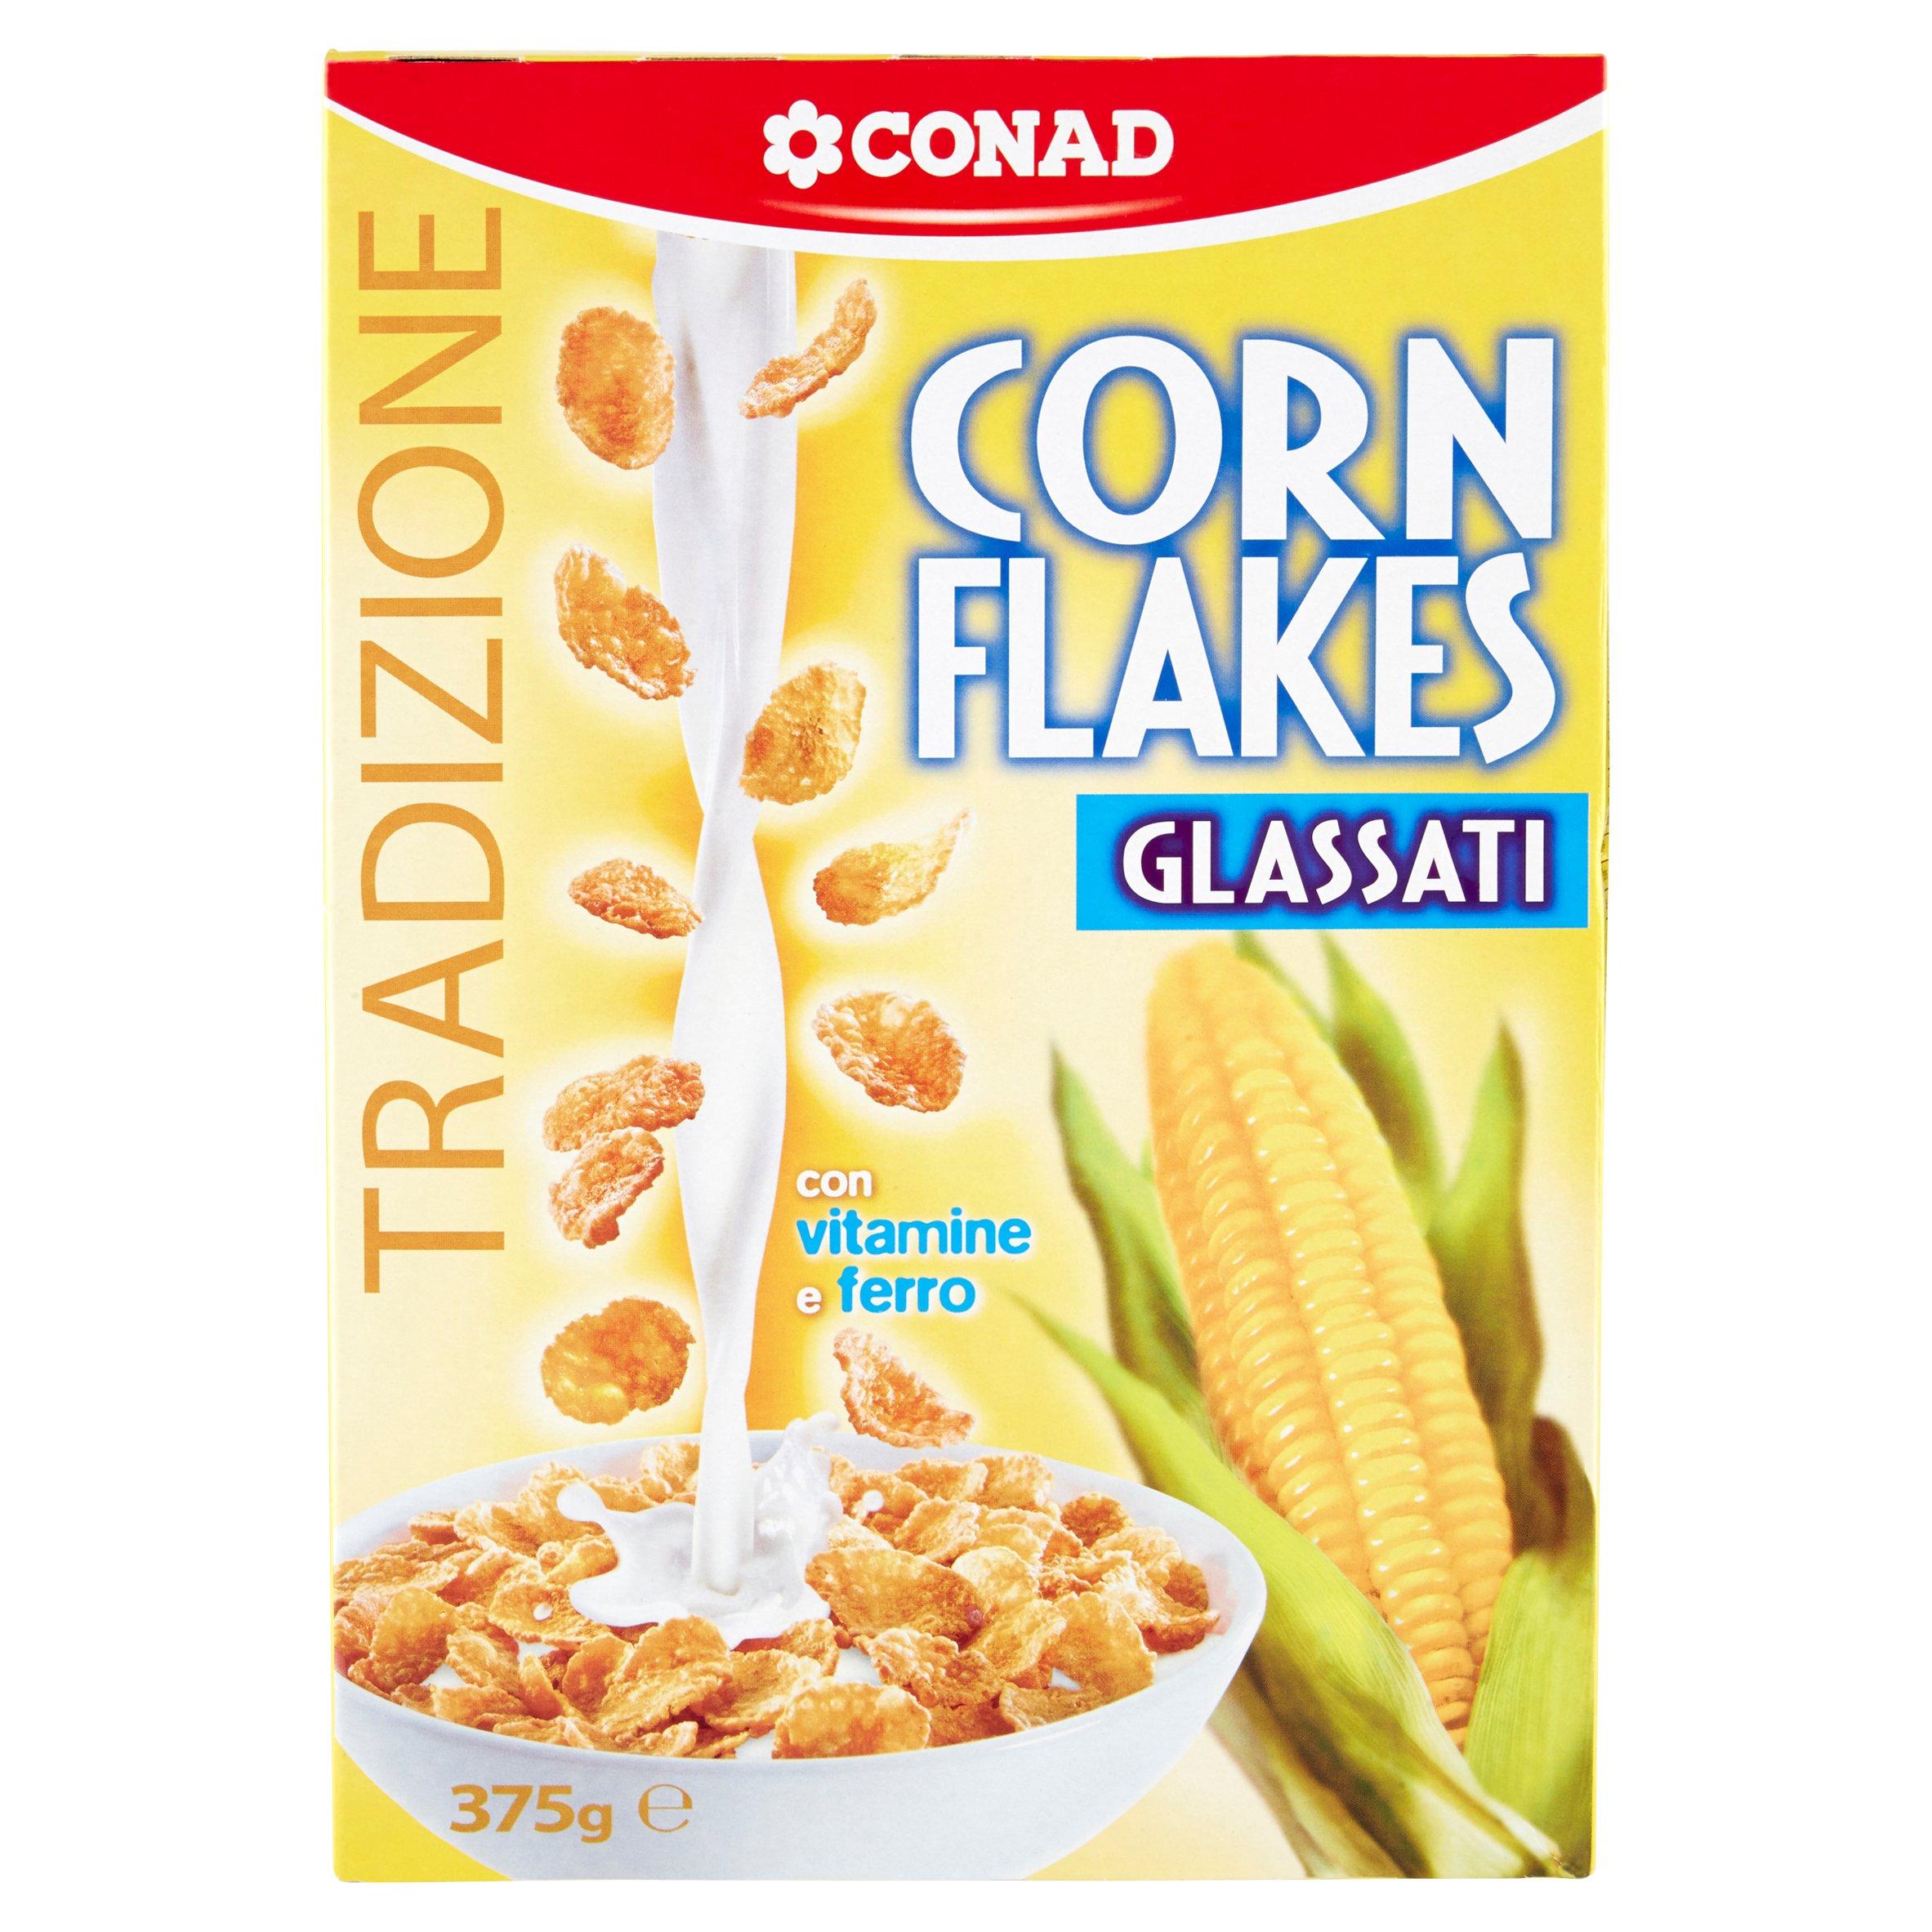 Photo of Conad richiama corn flakes glassati, presenza di allergeni non dichiarati